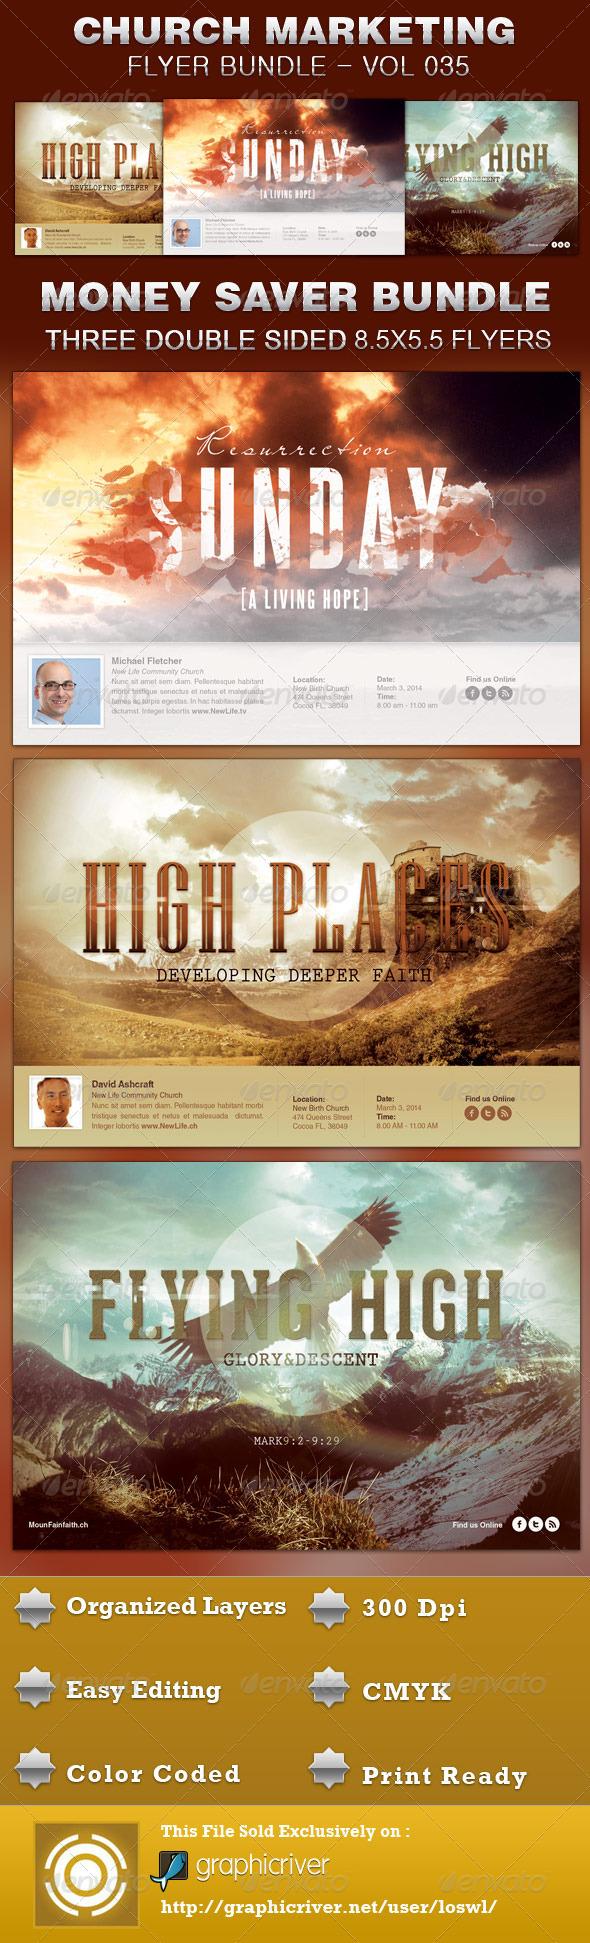 Church Marketing Flyer Bundle Vol 035 - Church Flyers